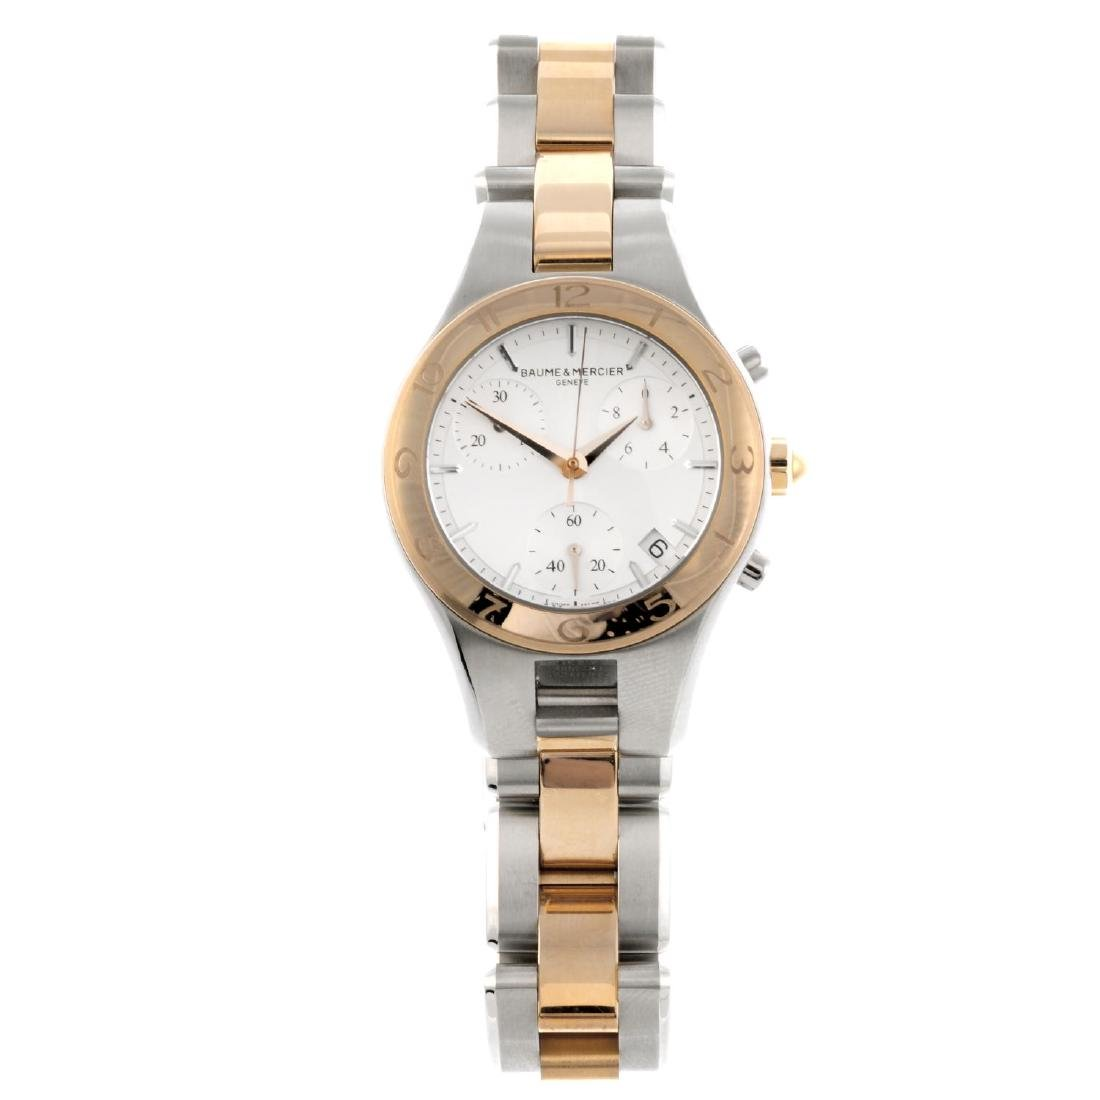 BAUME & MERCIER - a lady's Linea chronograph bracelet